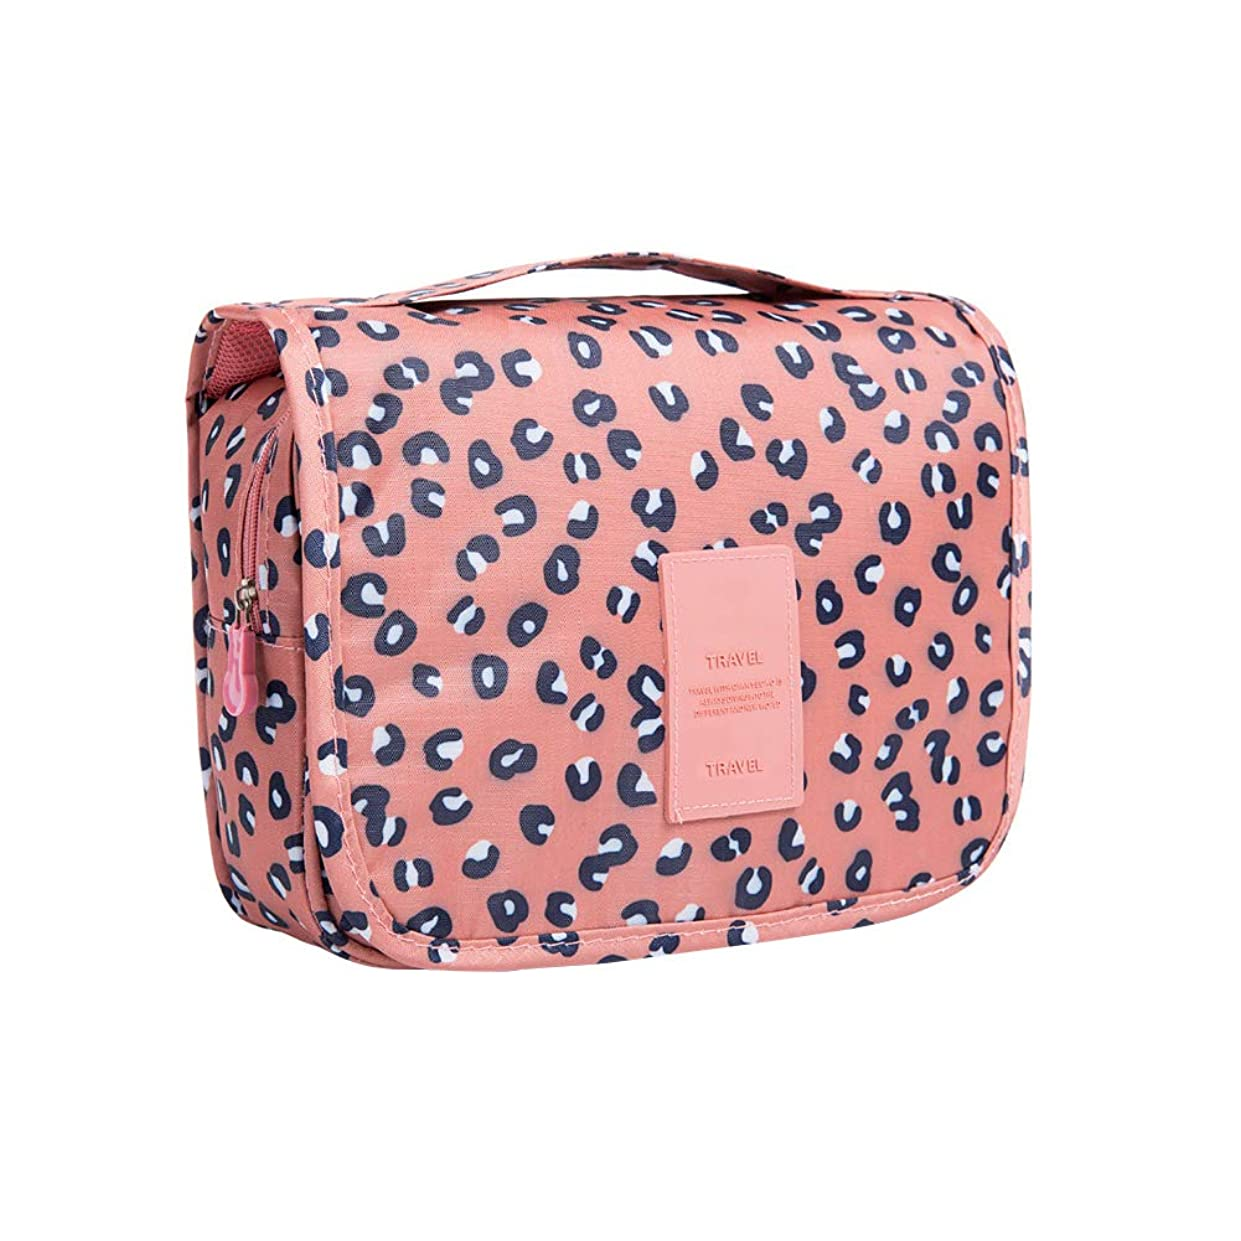 退屈な公八主催者のバッグの女性の女の子のパンサーをぶら下げ多機能ポータブル化粧バッグウォッシュバッグ化粧品袋防水旅